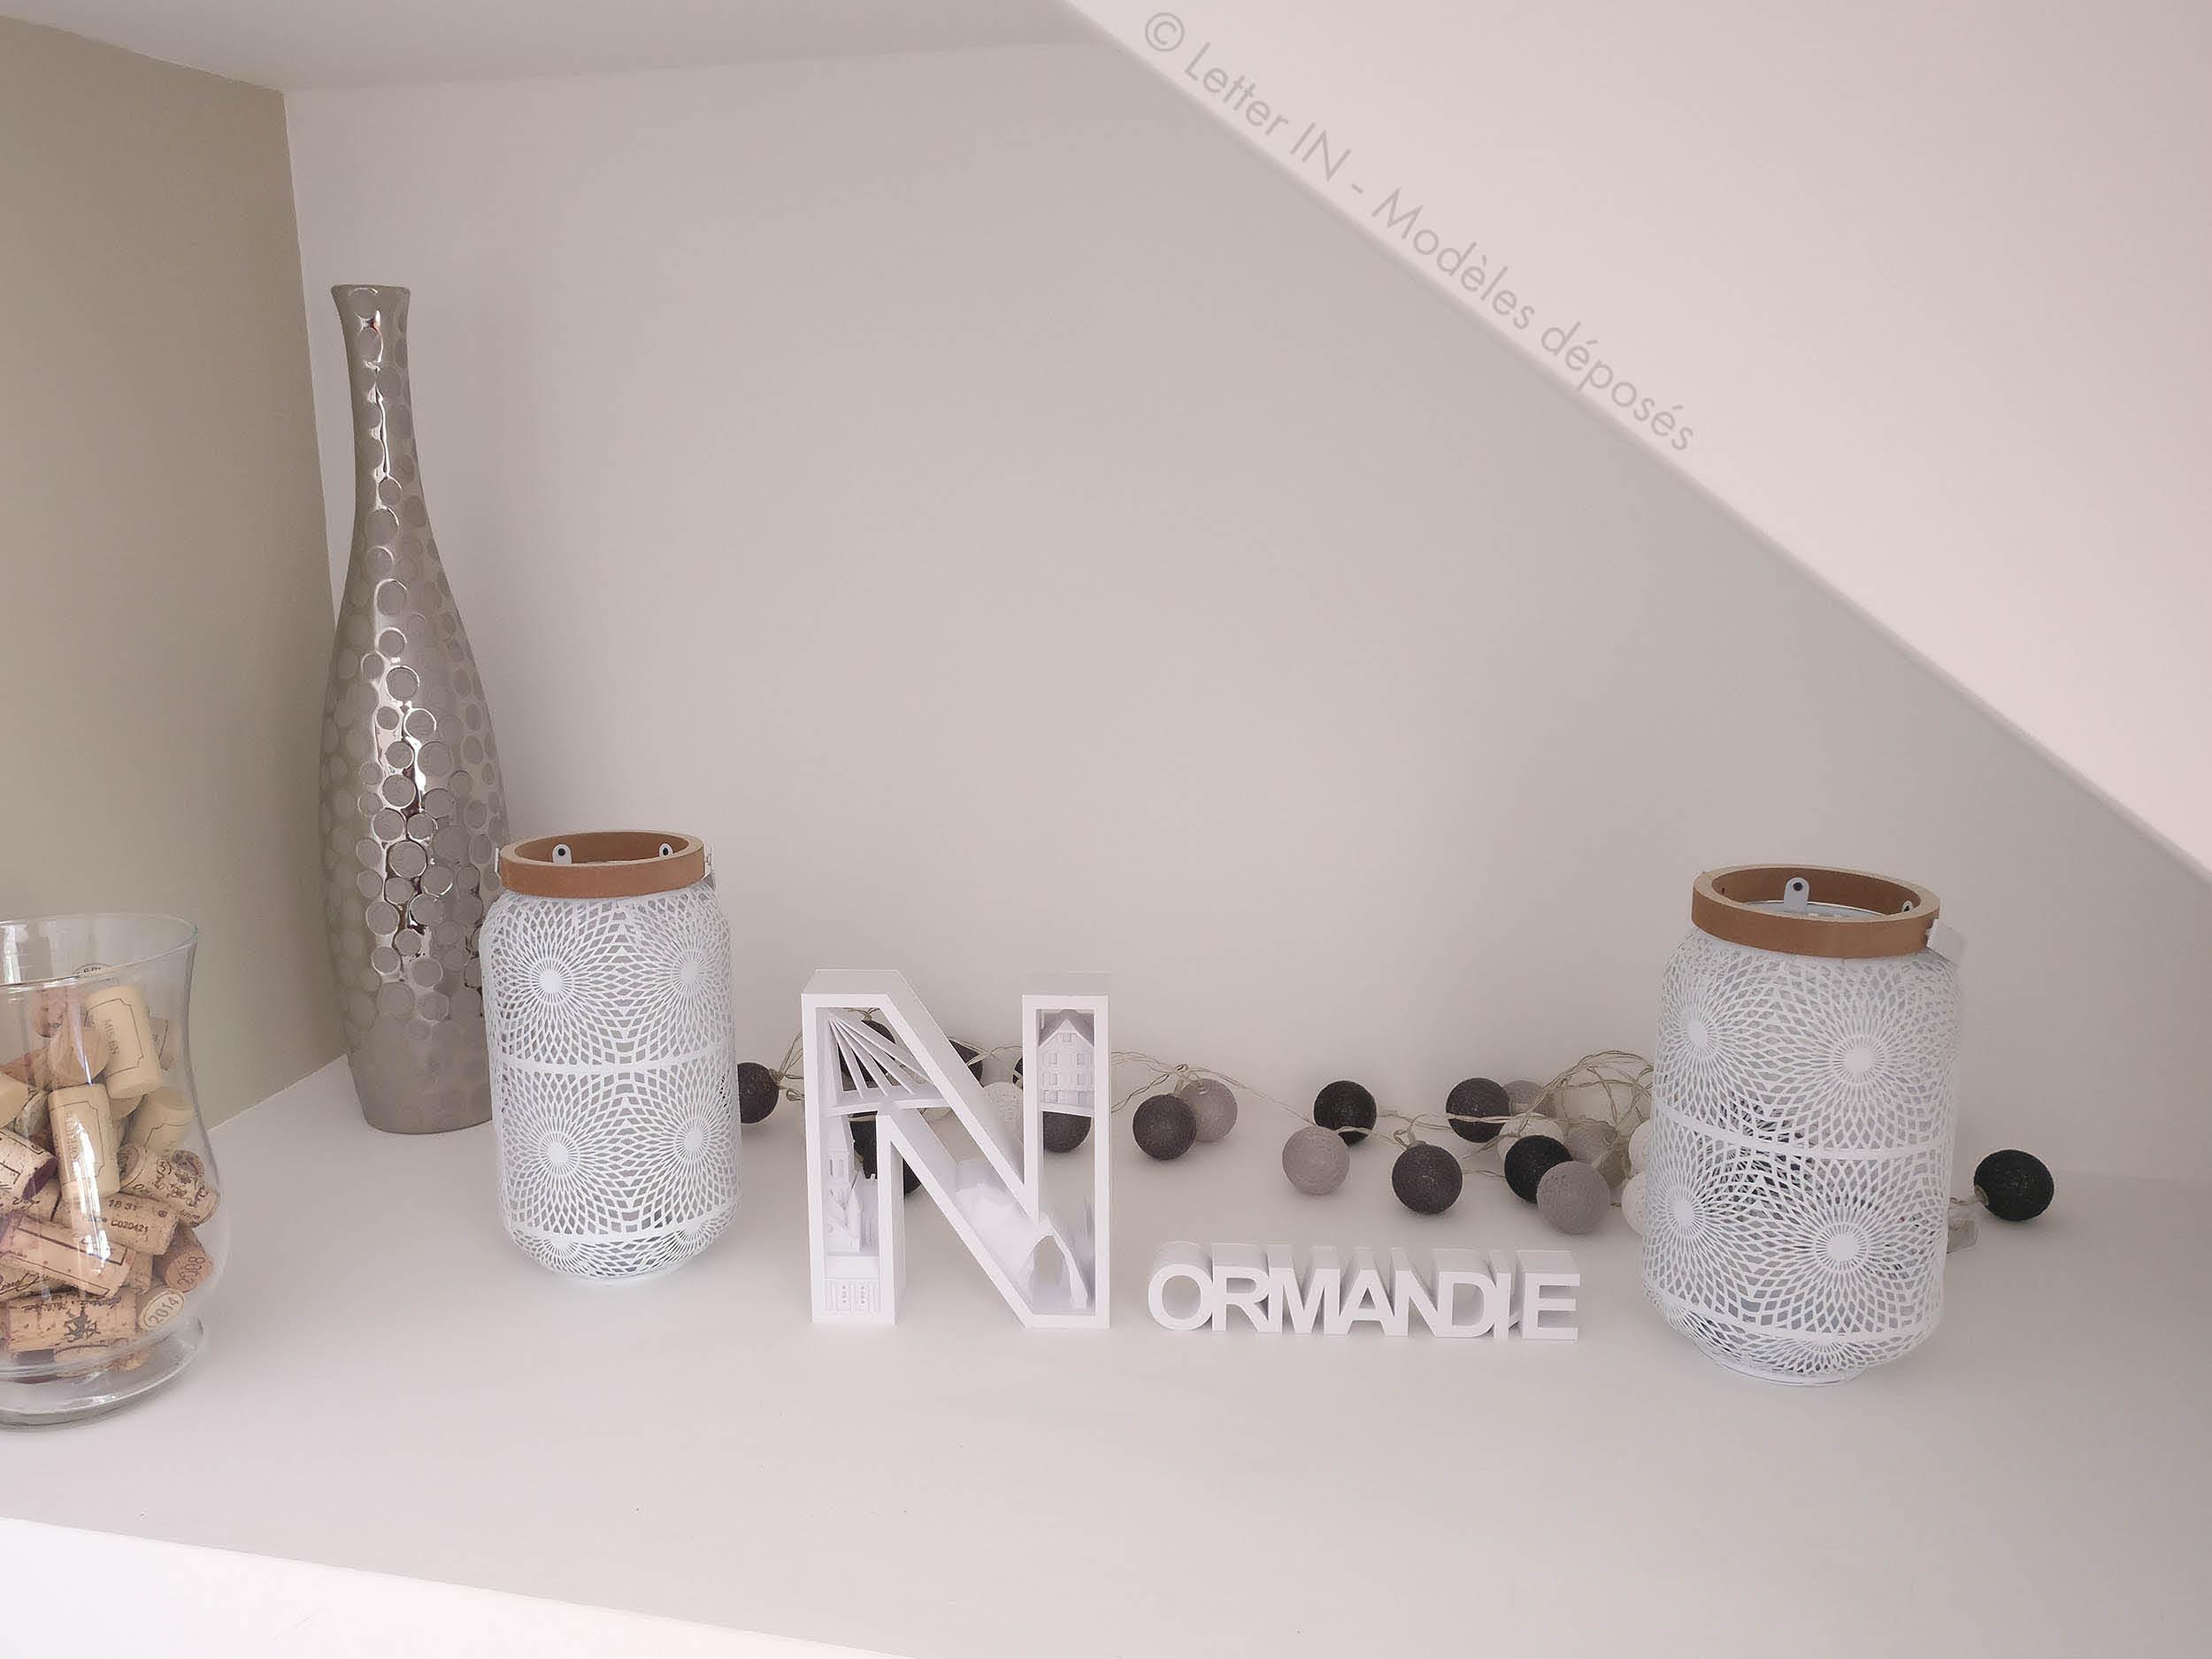 Normandie blanc niche